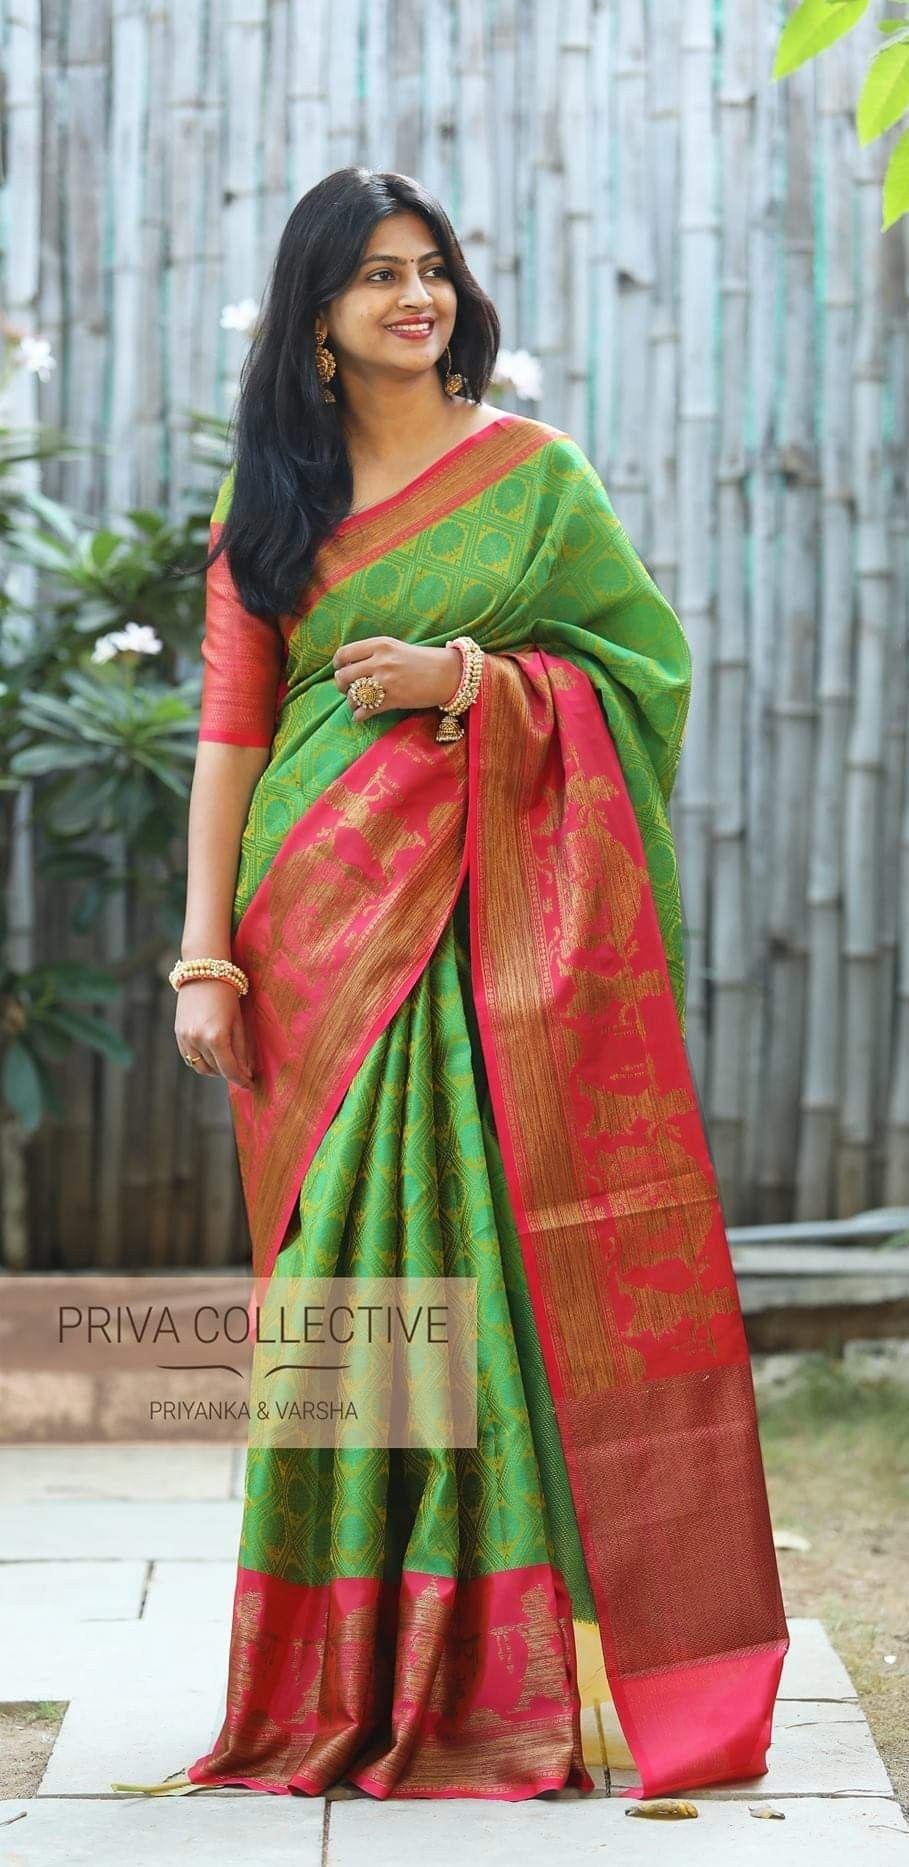 traditional saree,sari,saris. Red kora muslin weaving saree and blouse for women,saree dress,indian saree,designer saree,wedding saree